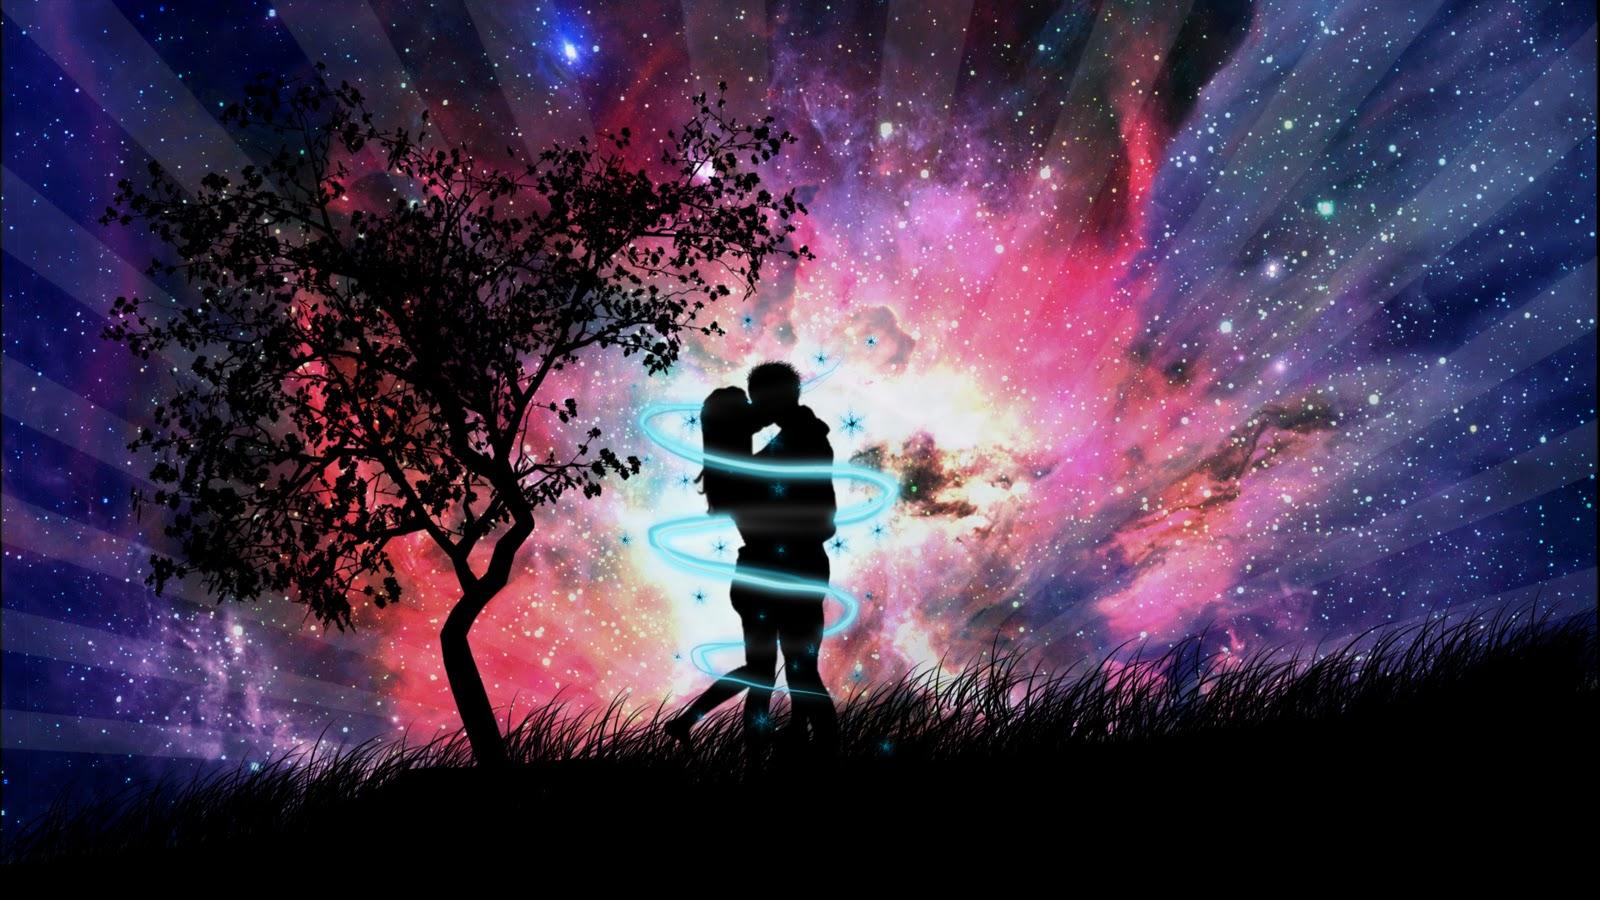 imagini_de_dragoste_noaptea.jpeg